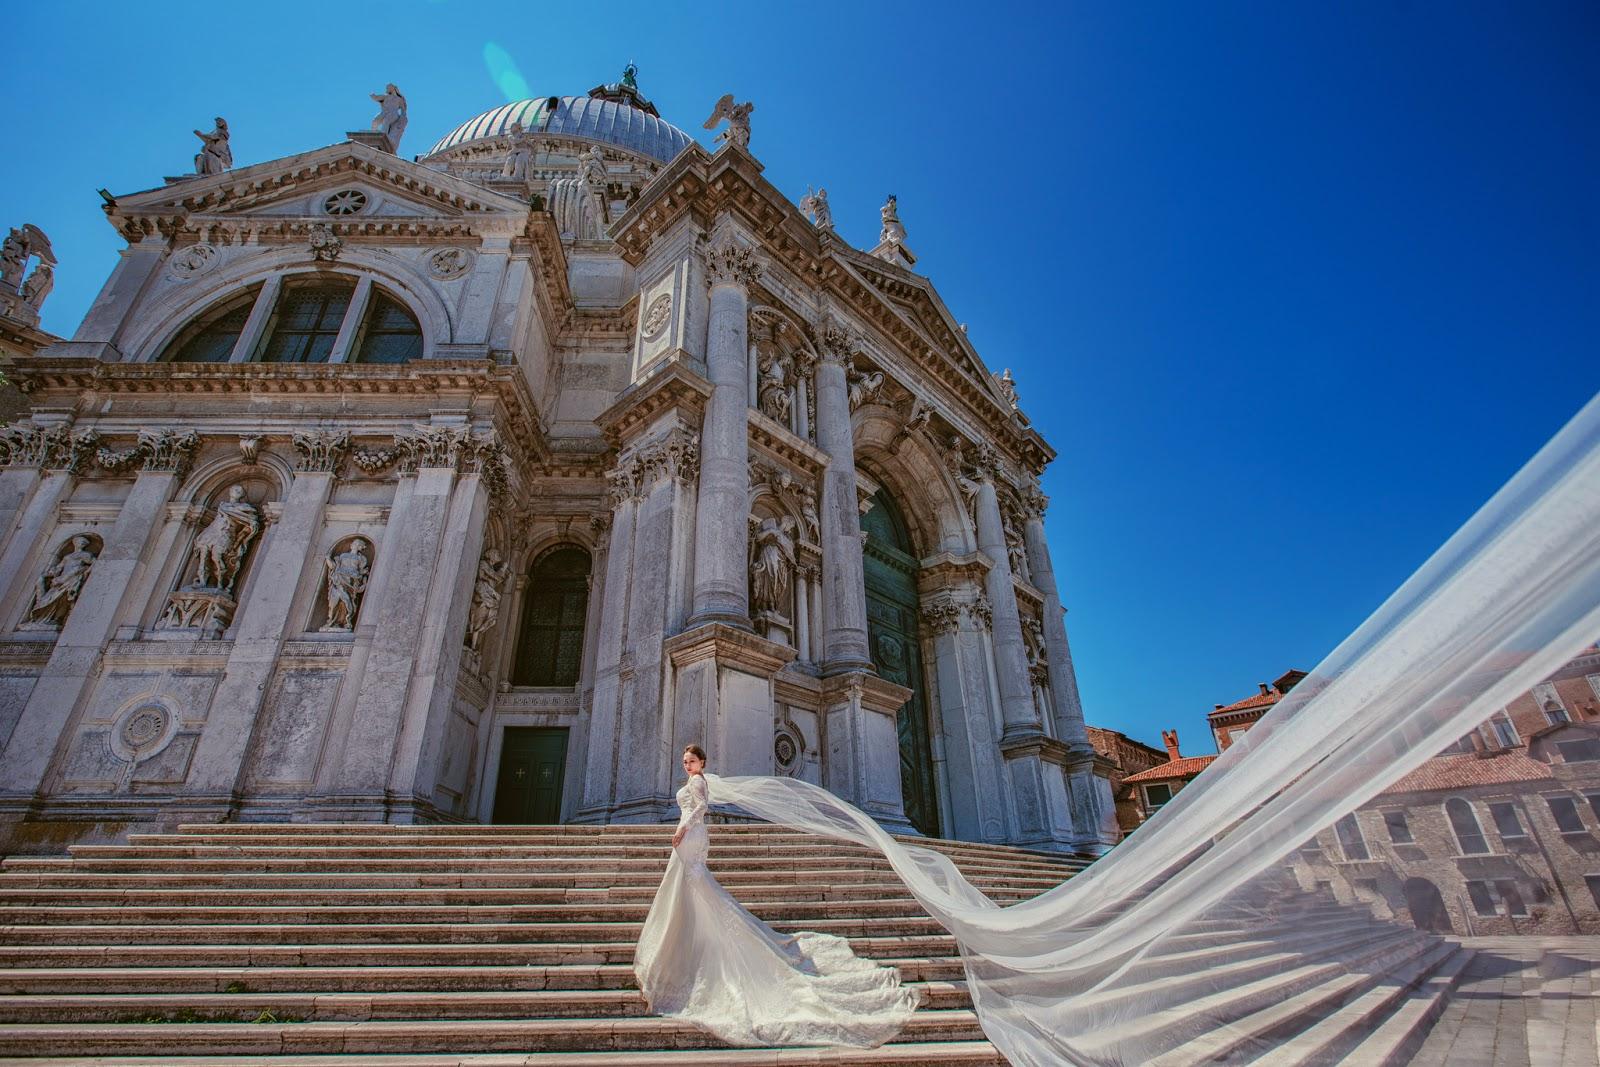 水上之都的威尼斯非常美,我們真心推海外婚紗推薦,在布拉格PRAGUE拍婚紗,我們會帶您到私密拍攝景點,威尼斯婚紗必拍景點,威尼斯婚紗,義大利婚紗,台北租禮服推薦,我們還去拍了共多拉船,聖母院,嘆息橋,總督宮清晨,麥桿橋,聖馬可廣場,彩虹島 義大利自助旅行